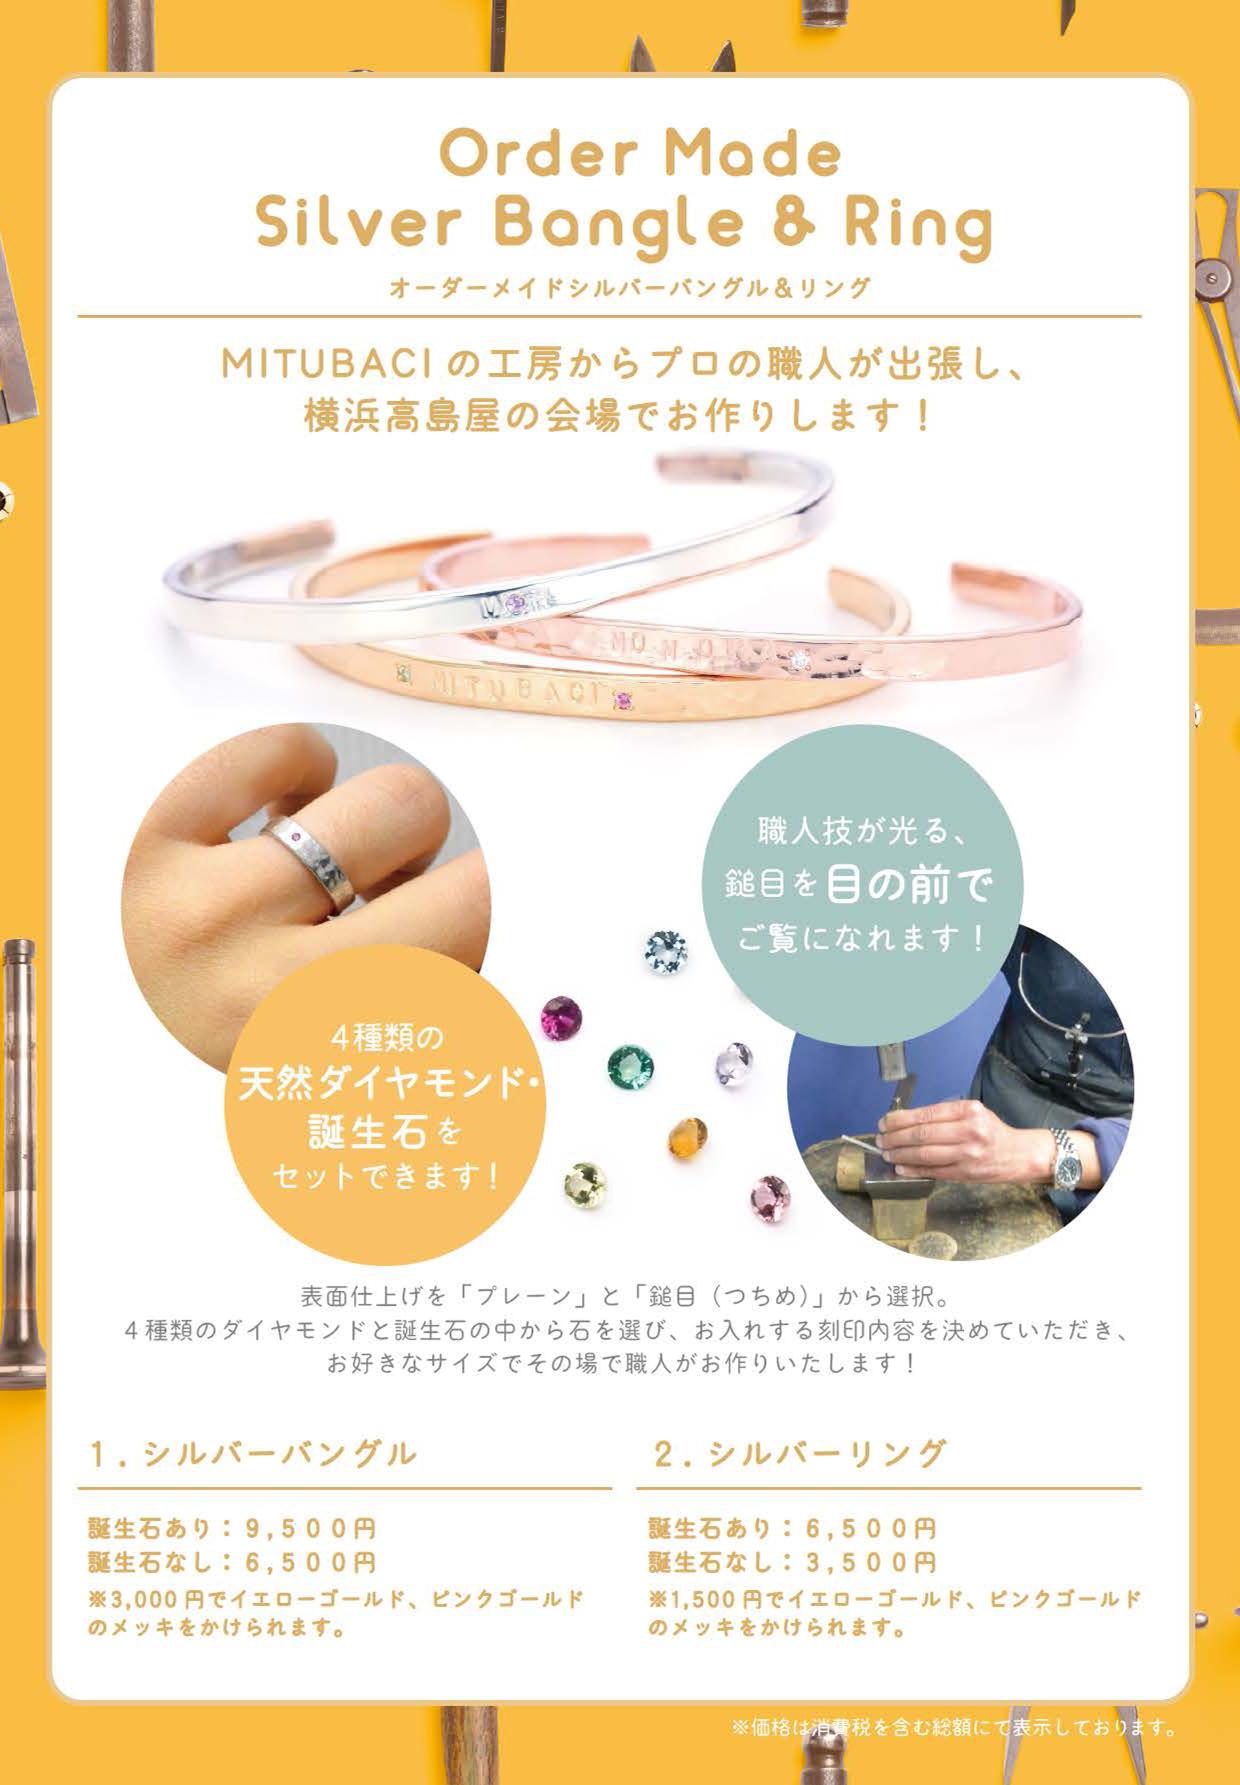 MITUBACI_TAKASHIMAYA_201802_DESIGN_0119-1